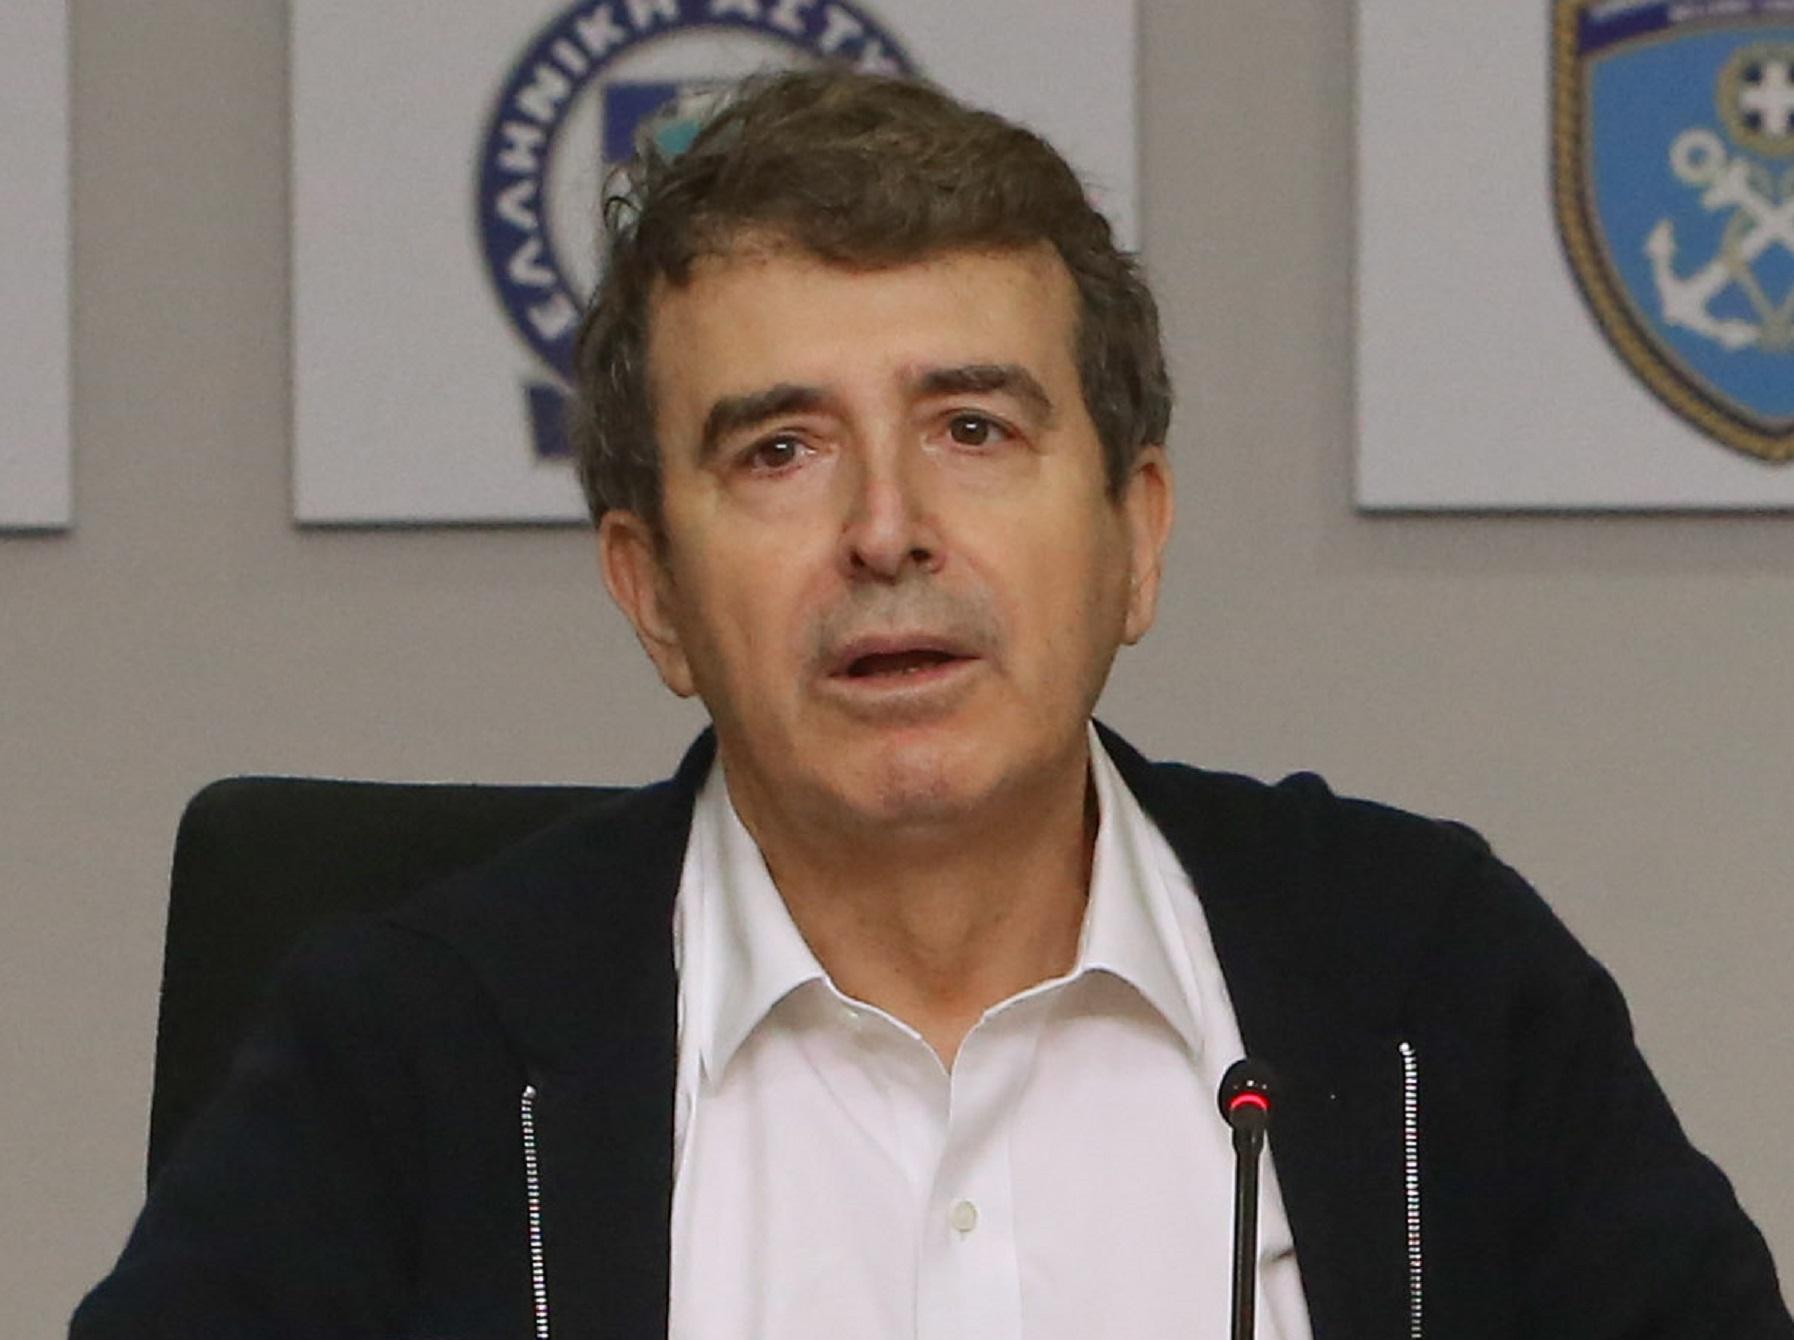 Μιχάλης Χρυσοχοΐδης: Διπλάσιες ώρες χρήσης τα εναέρια μέσα σε σχέση με πέρσι